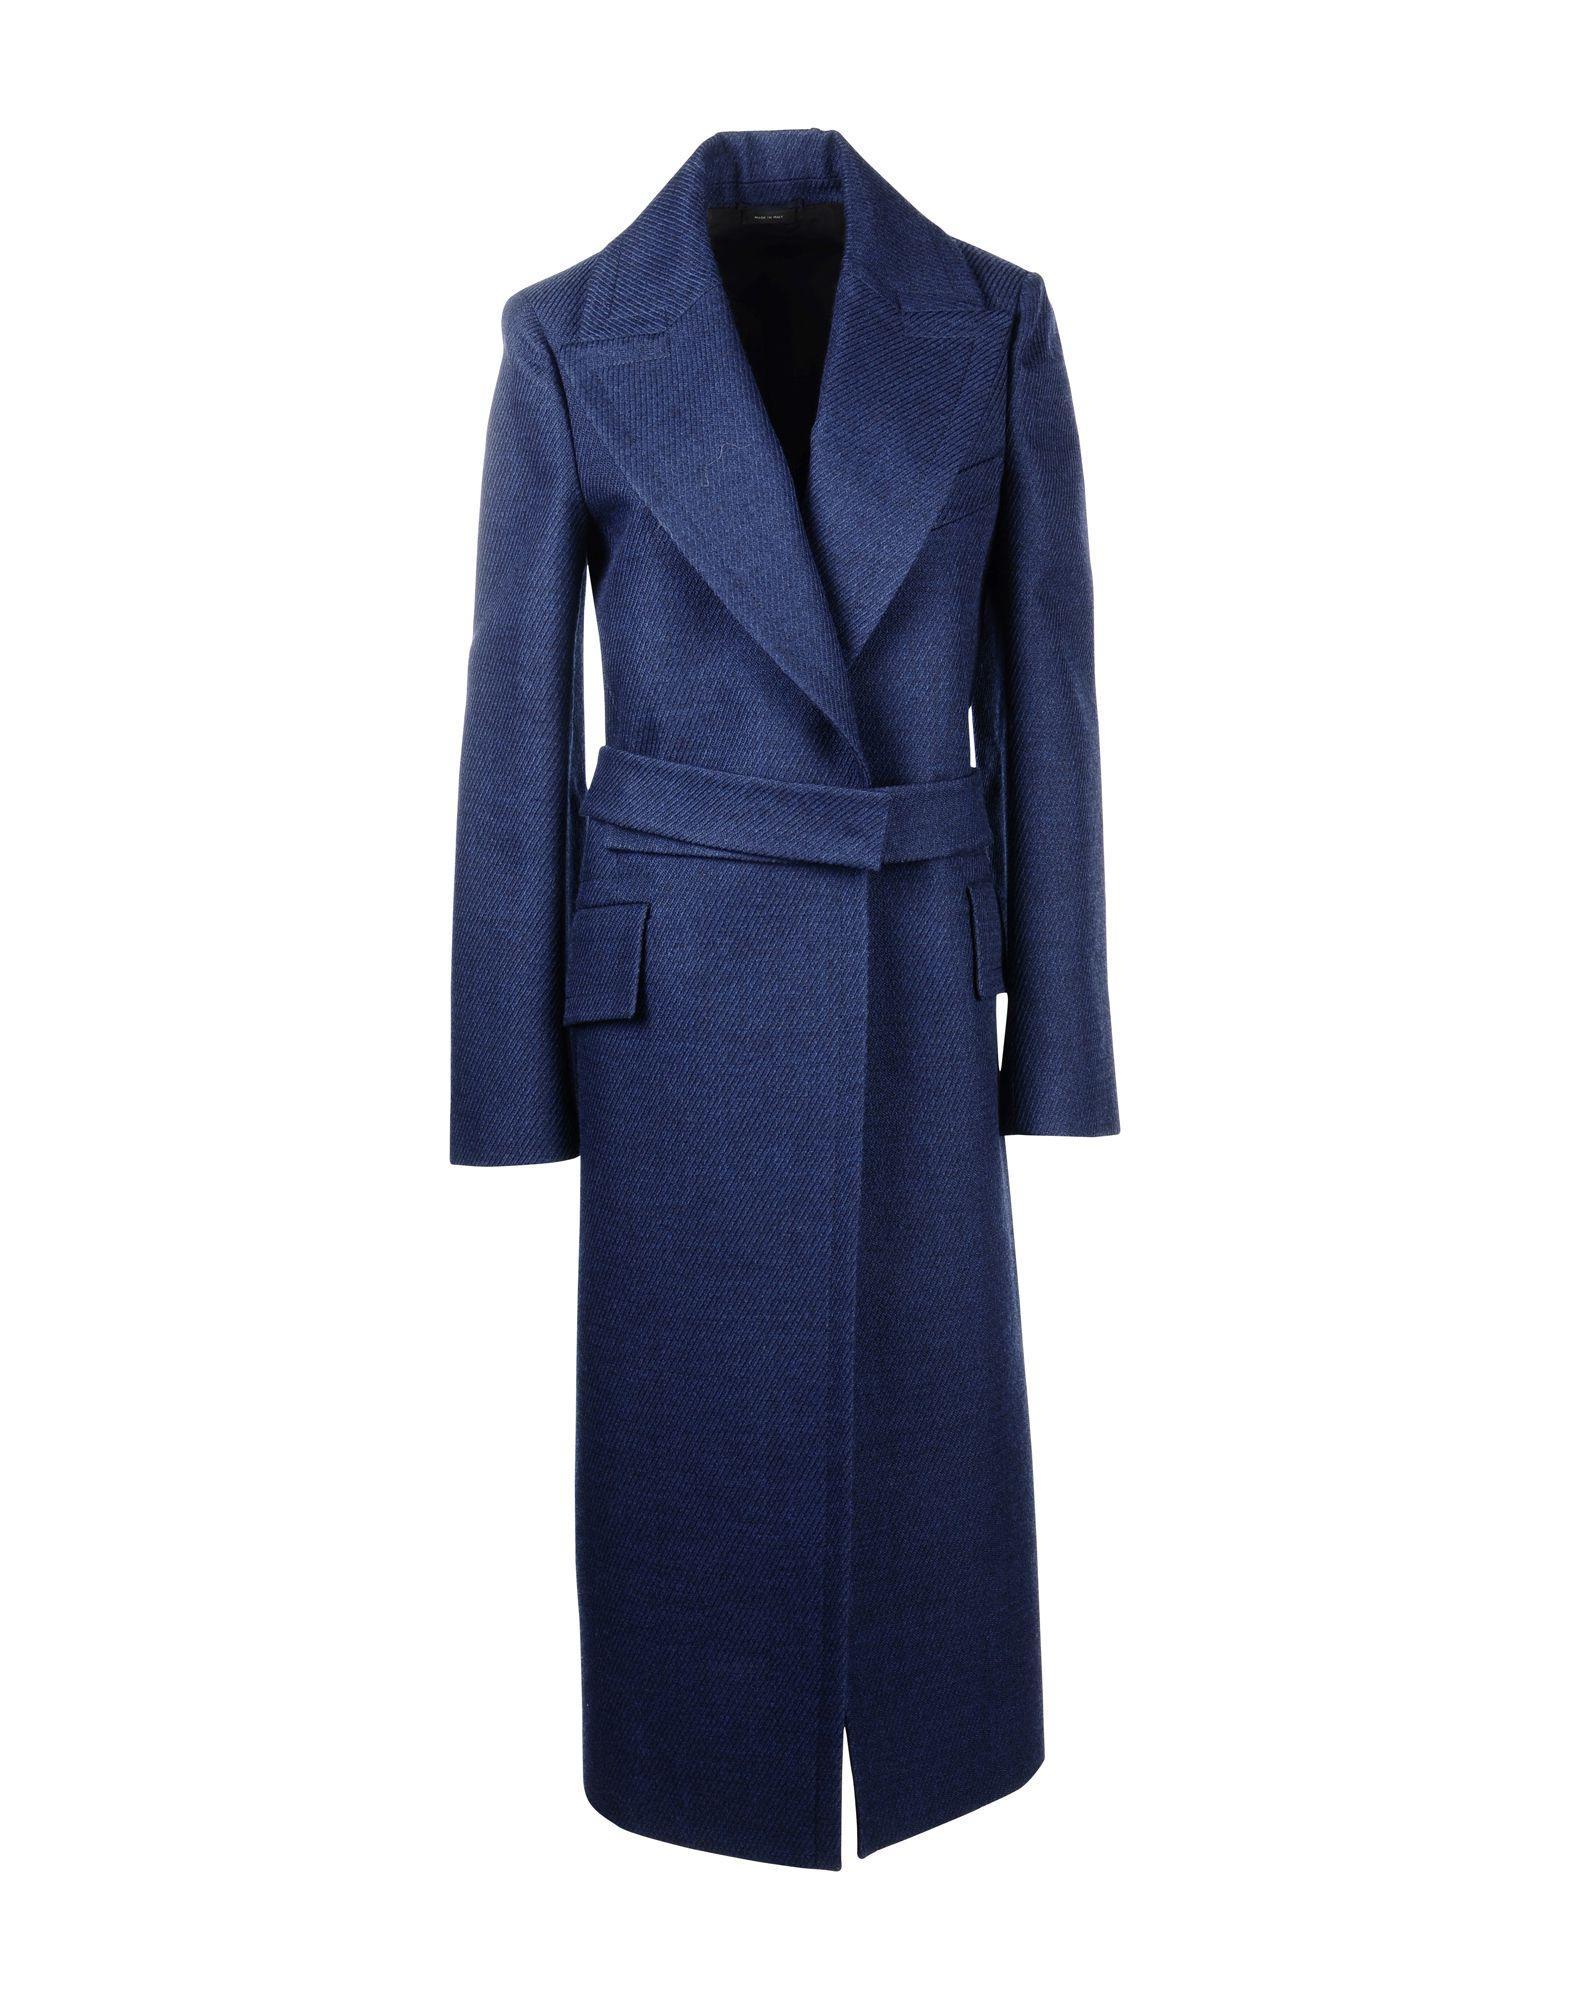 Jil Sander Belted Coats In Blue